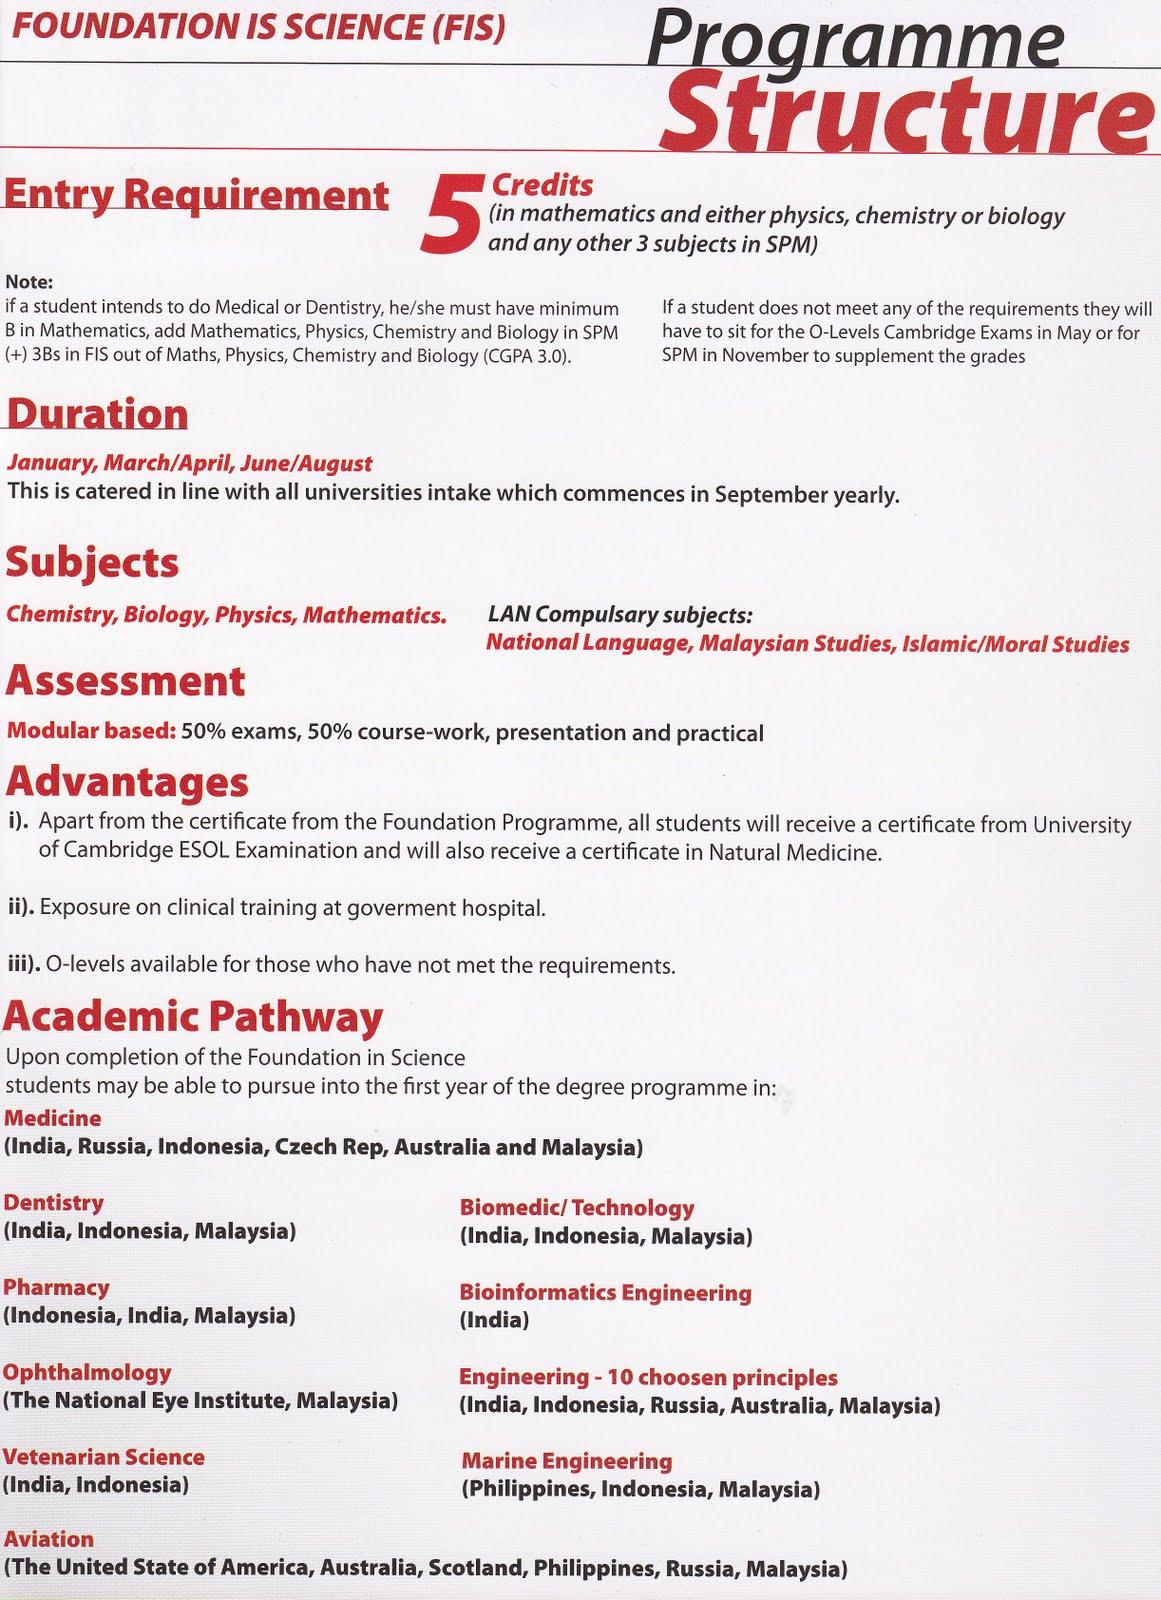 Program Uitm Pra Universiti Foundation In Science Jom